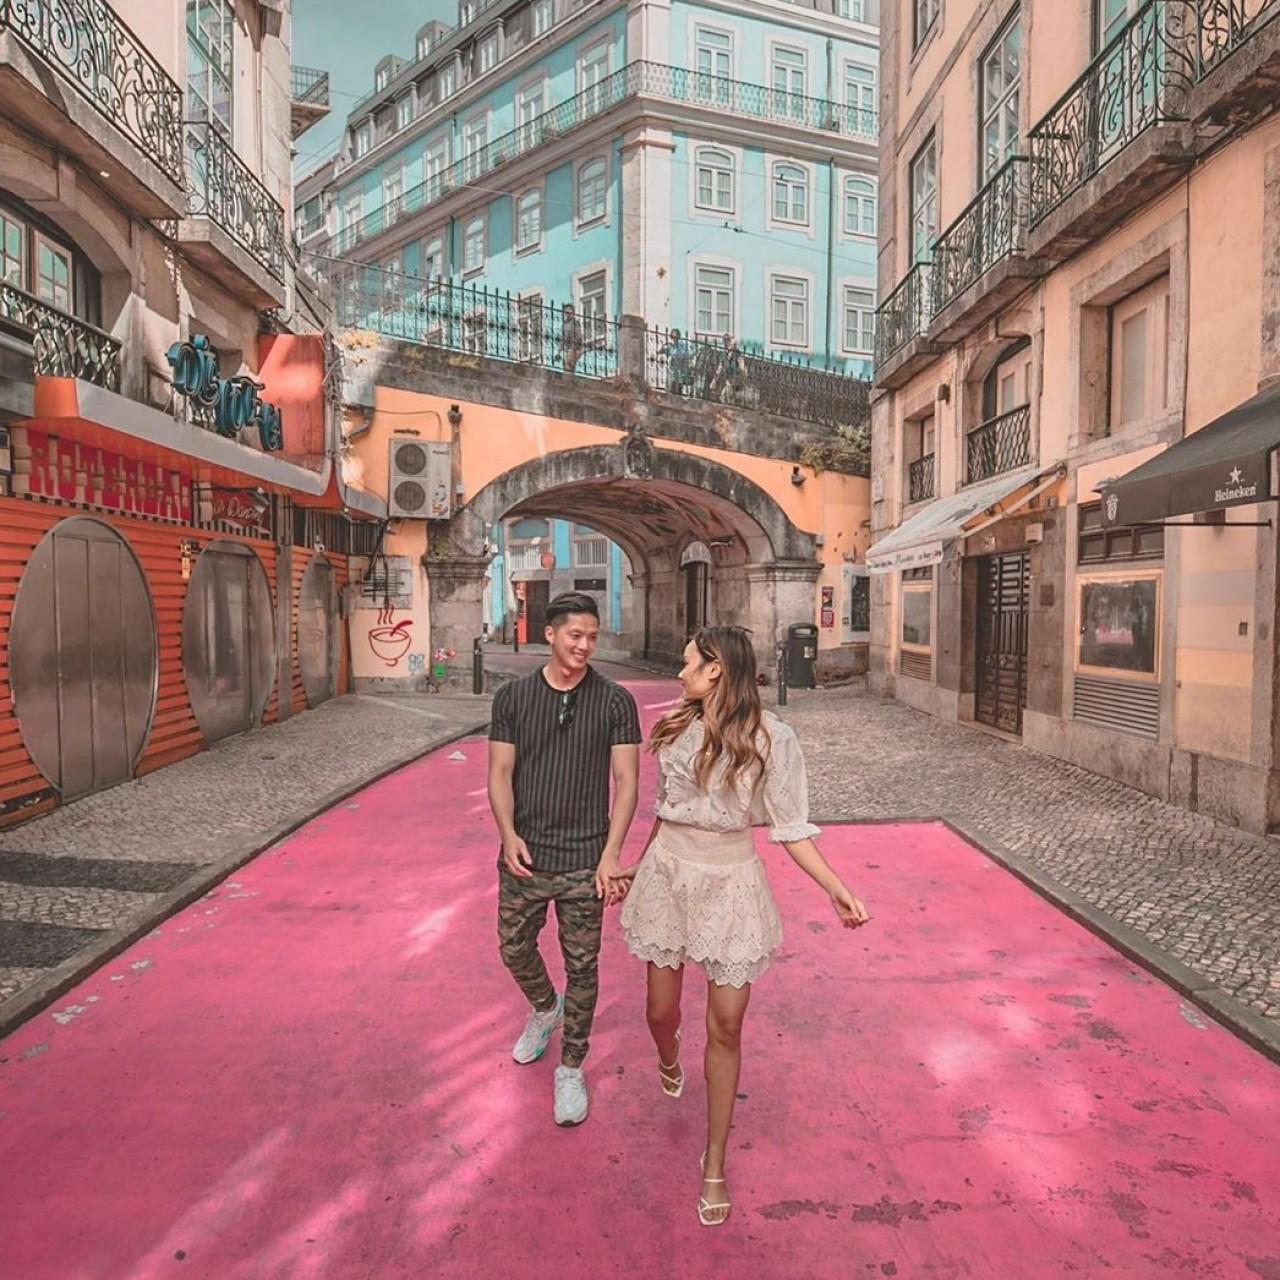 Why Sephora failed in Hong Kong – despite a ready market for